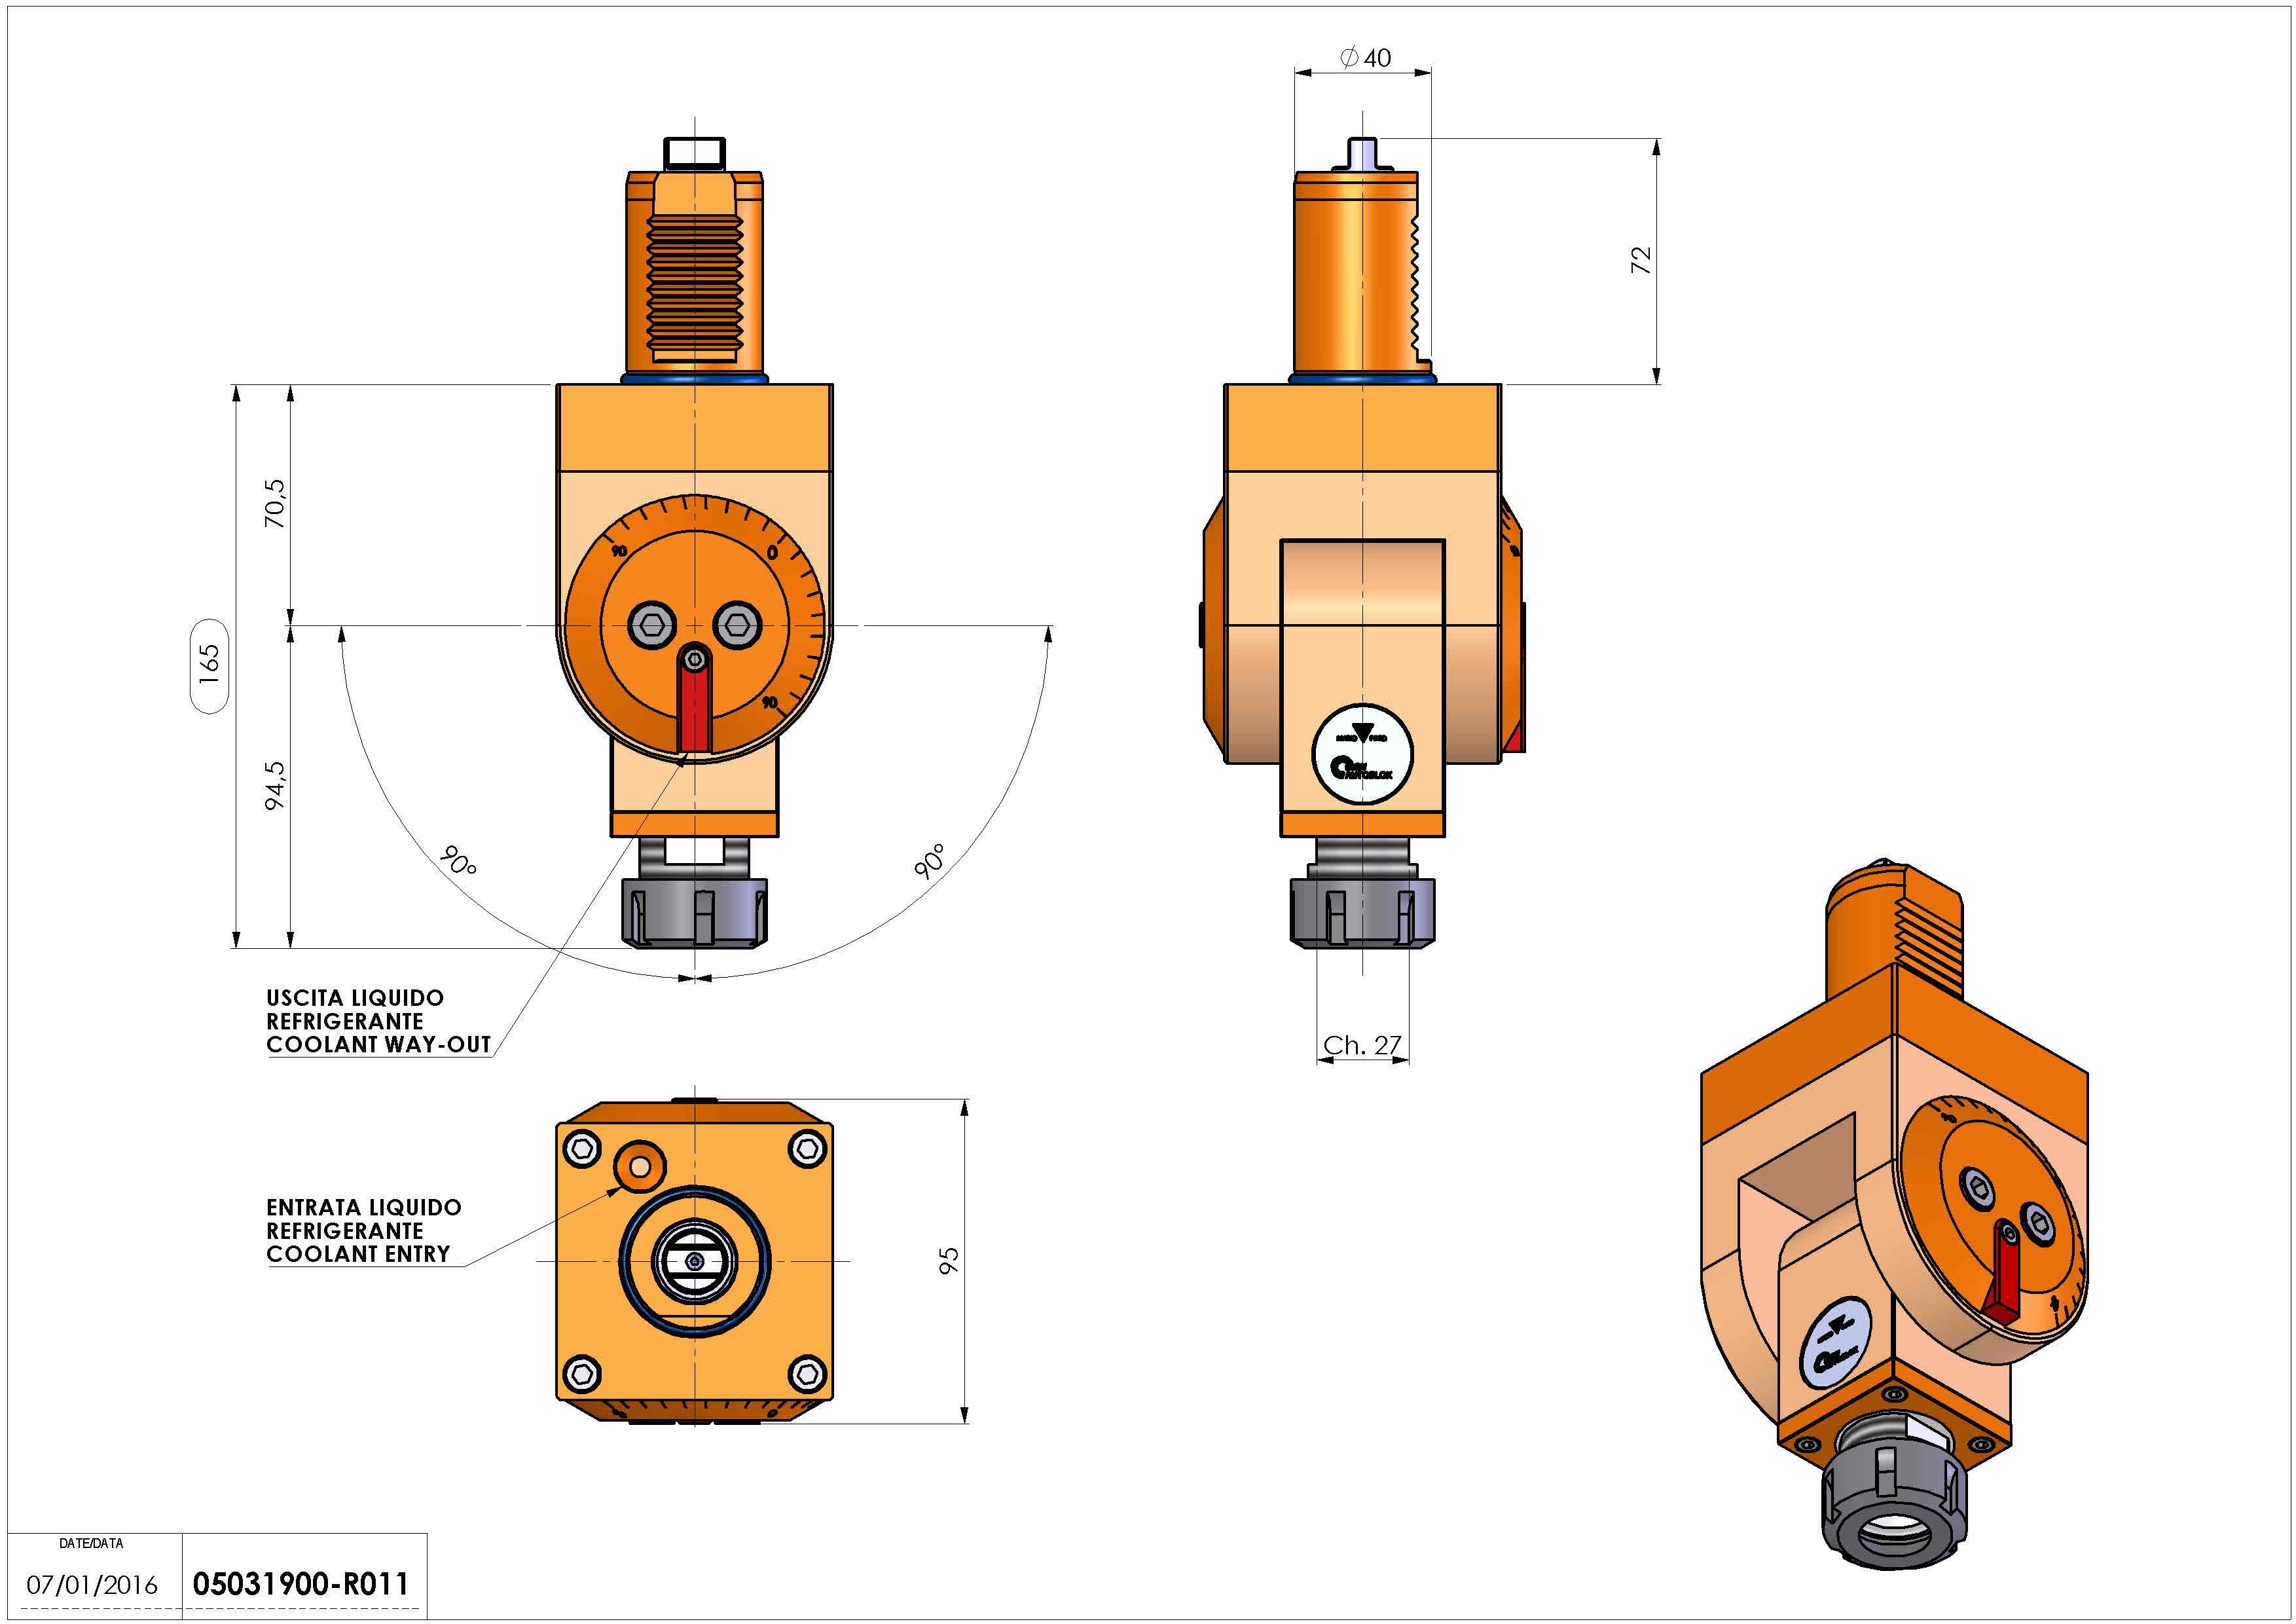 Technical image - LT-T VDI40 ER25 H71-165 TW-TZ.